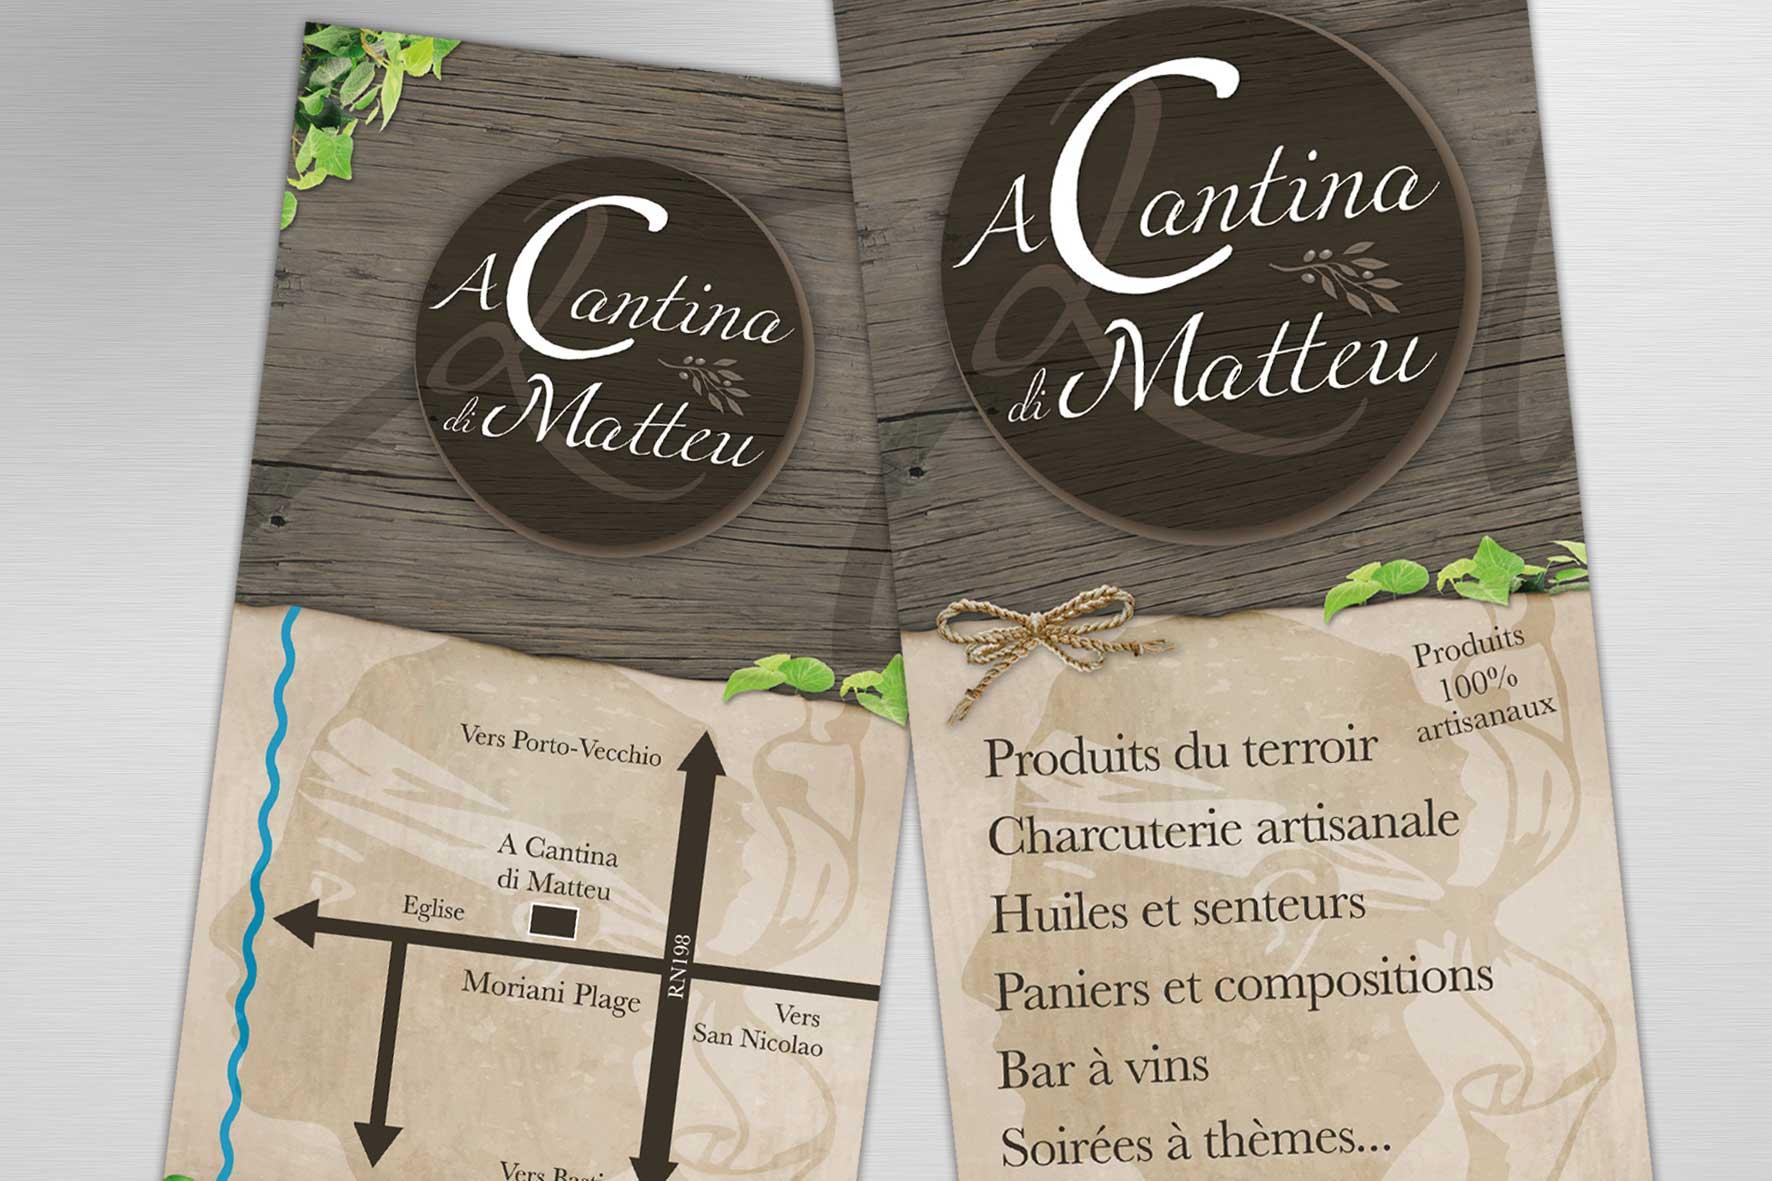 A Cantina di Matteu